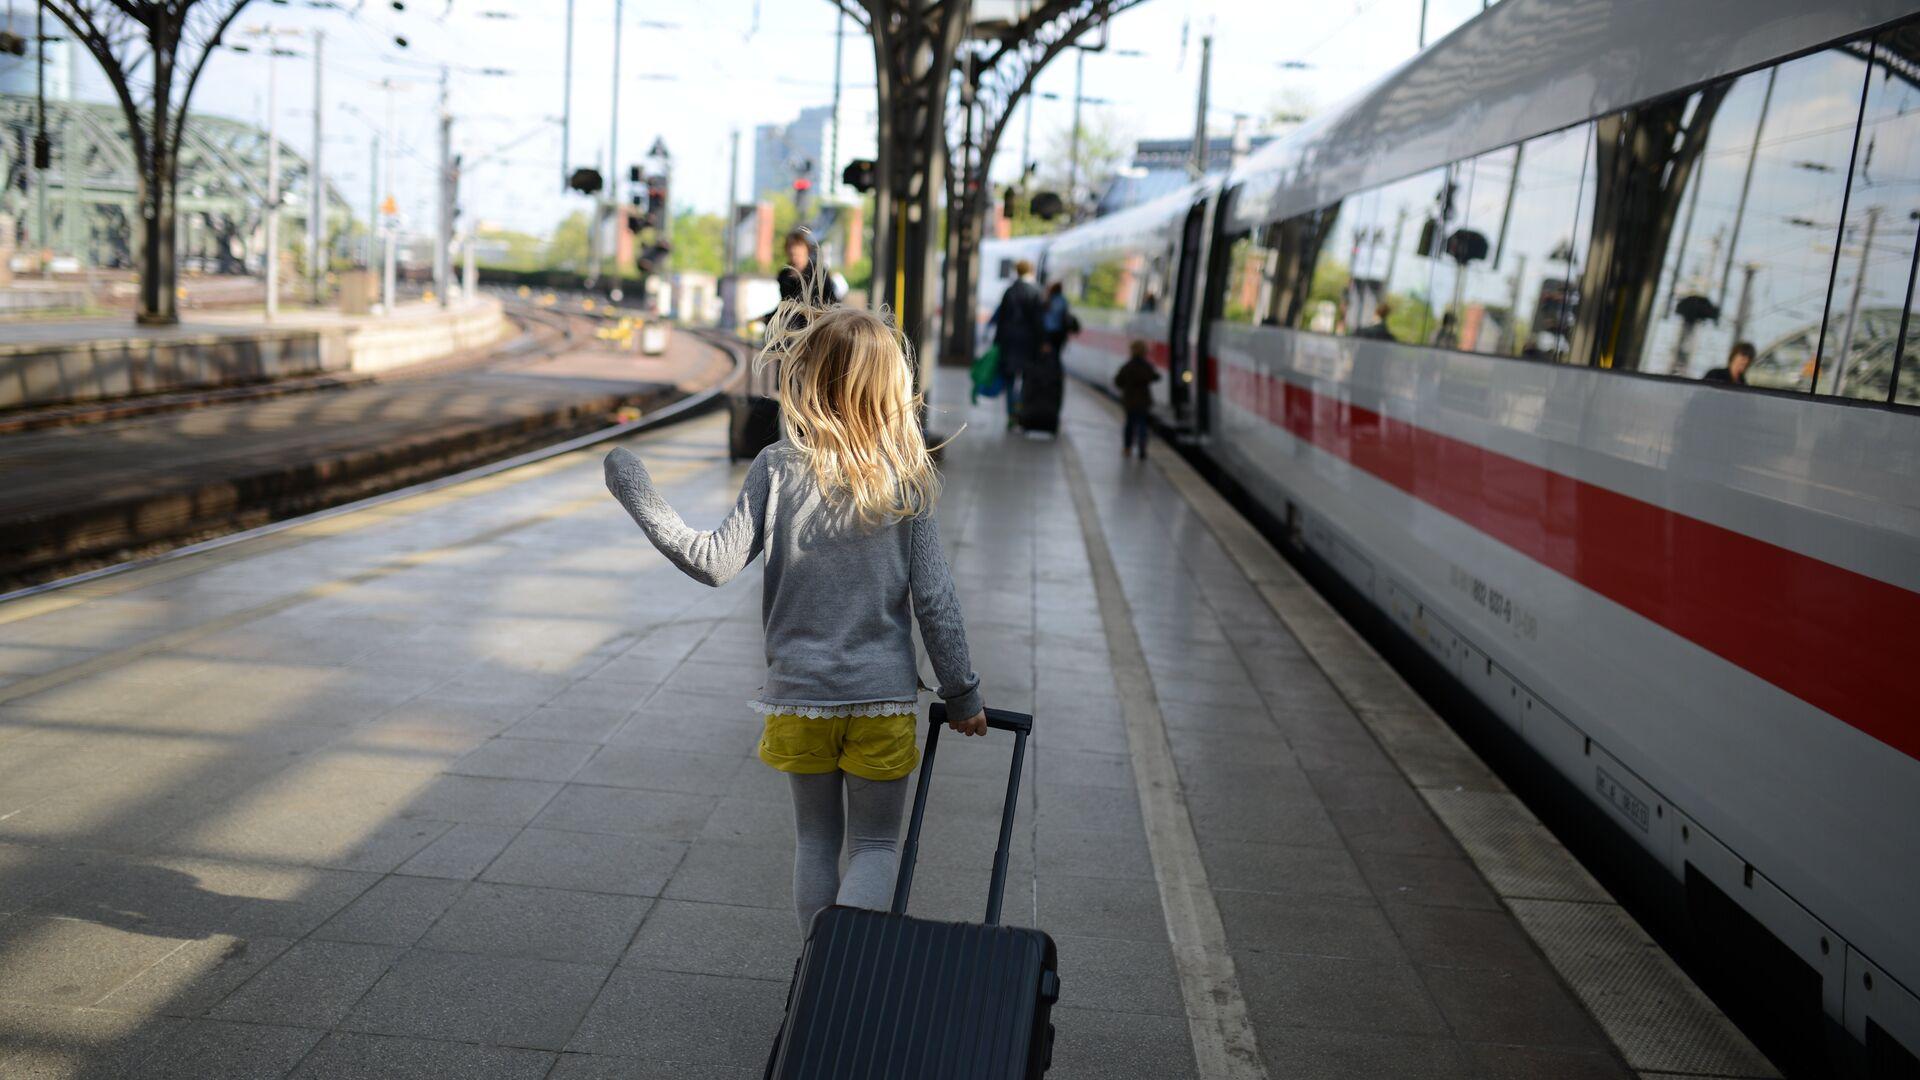 РЖД предоставили скидку на летние поезда для многодетных семей